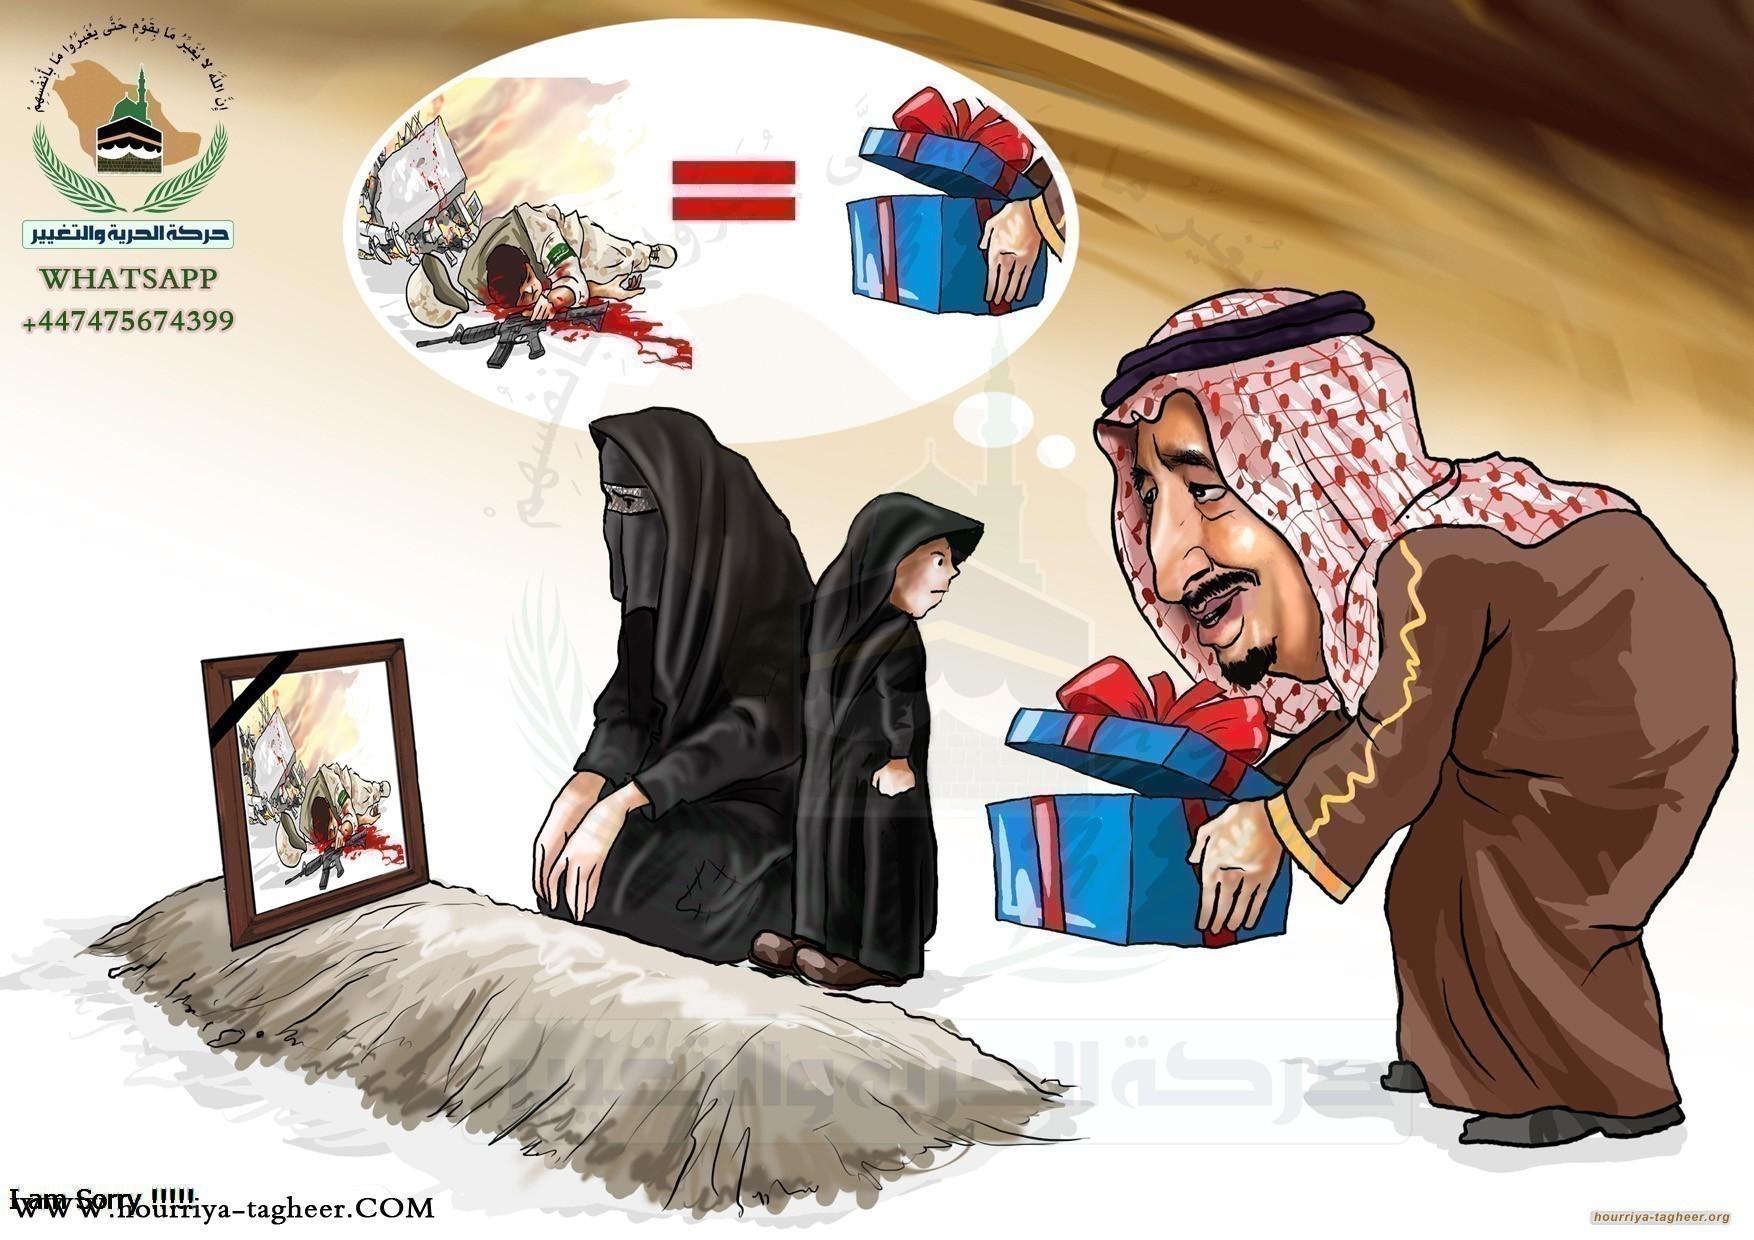 الاعتراف الأمريكي بشرعية أنصار الله... وردود أفعال النظام السعودي المتشنجة!